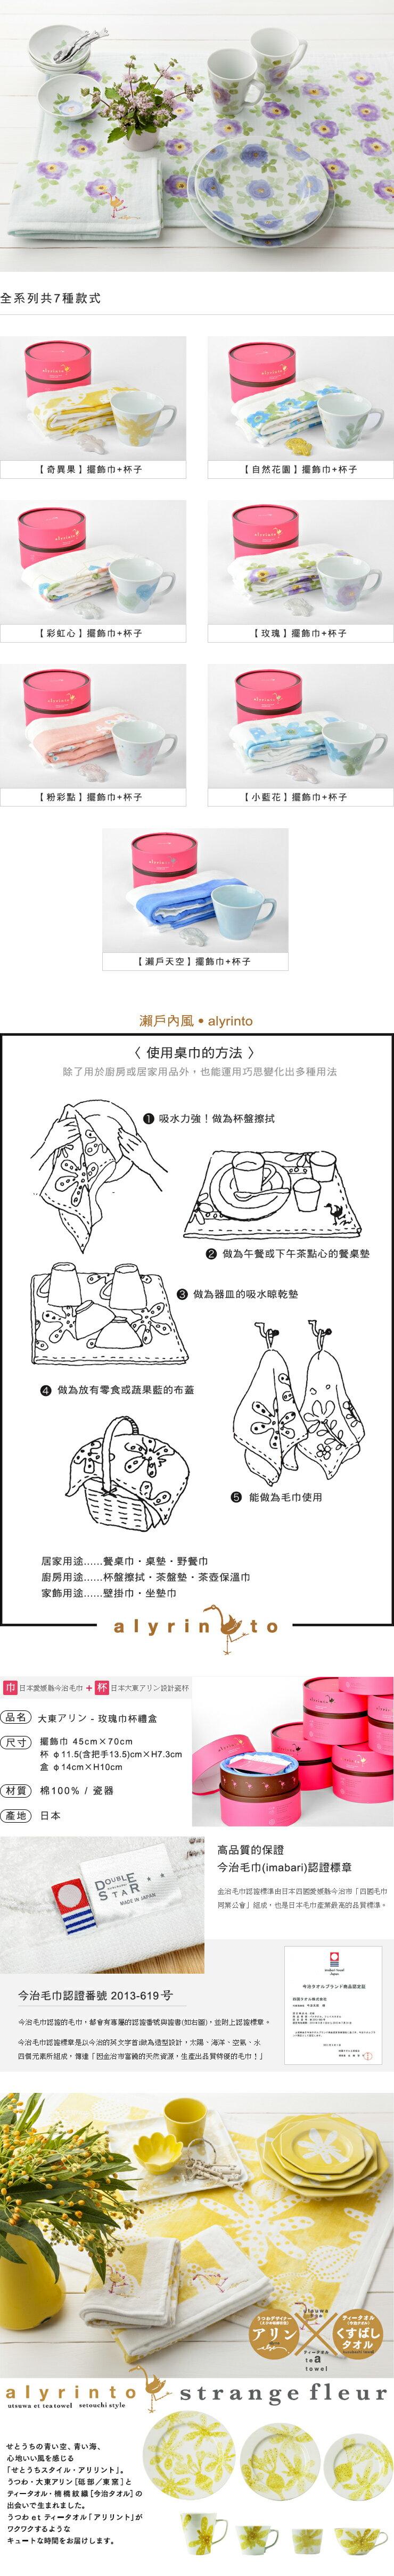 日本今治毛巾(imabari towel) - 大東アリン - (精緻禮盒)玫瑰擺飾巾+杯子 / 餐桌巾 / 茶盤墊 / 野餐巾 / 杯碗擦拭巾 / 毛巾 / 擦手巾 / 保溫巾 / 壁掛巾《日本設計製造》《全館免運費》,純棉100%,觸感細緻質地柔軟,吸水性強,日本設計製造,天然水洗滌工法,不使用螢光染料,不添加染劑